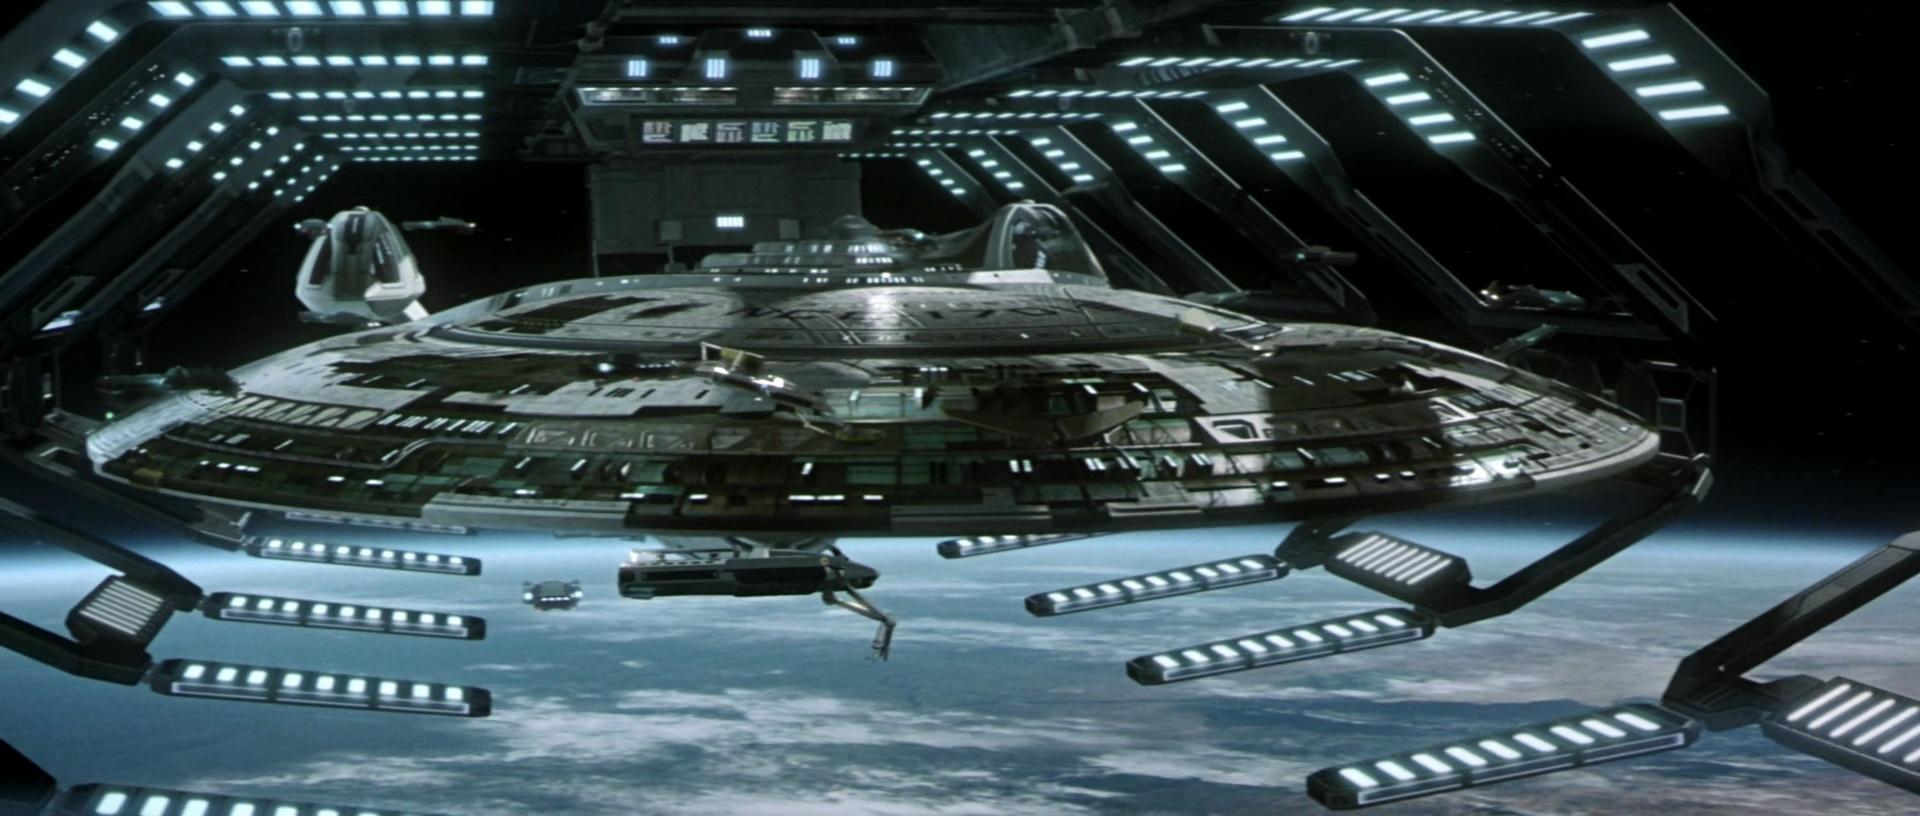 File:USS Enterprise-E in drydock 2.jpg